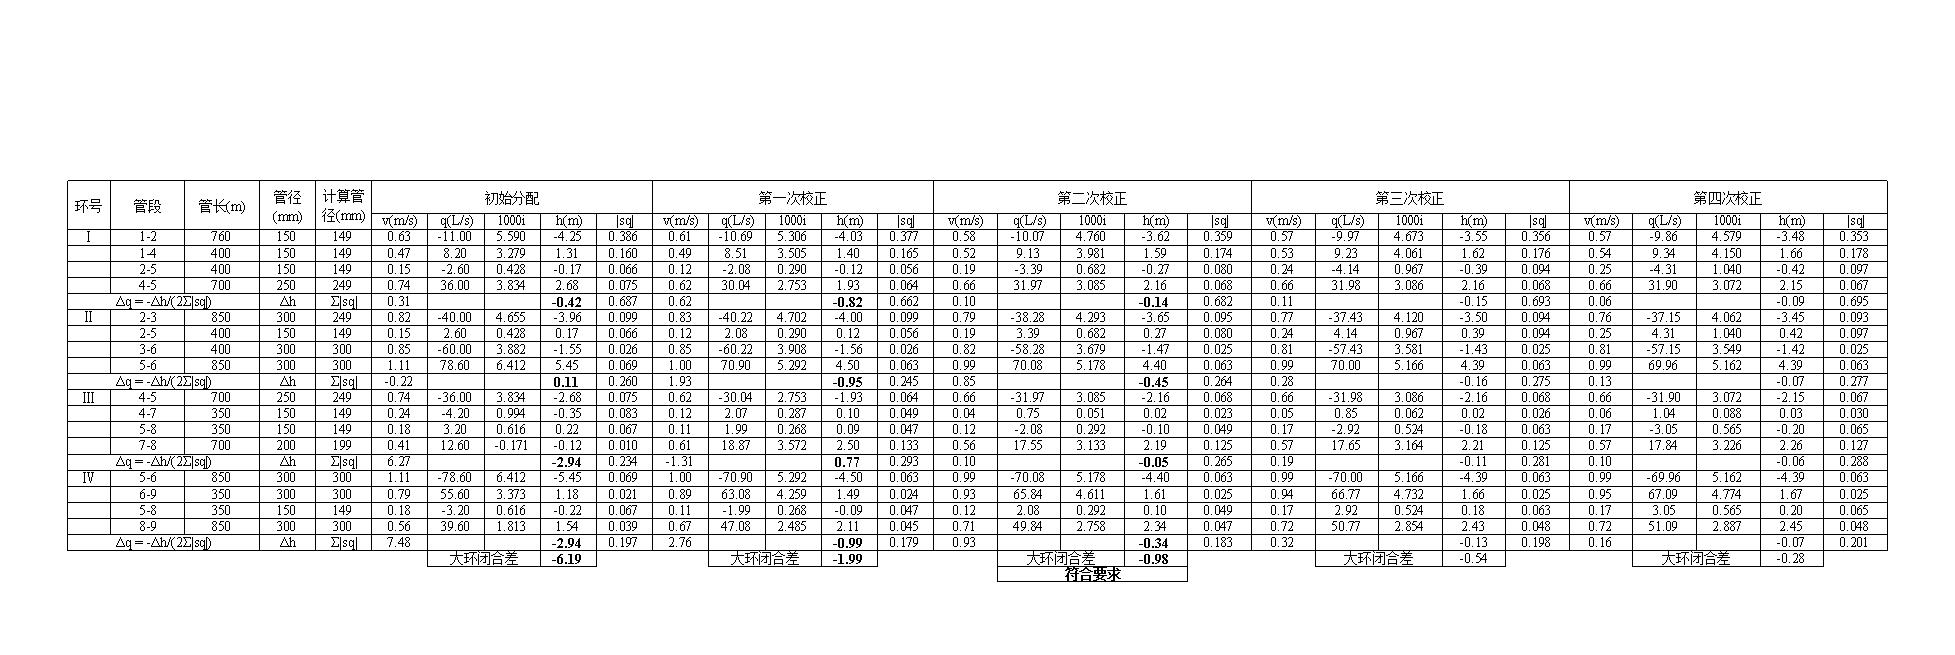 环状官网平差tx.xlsx